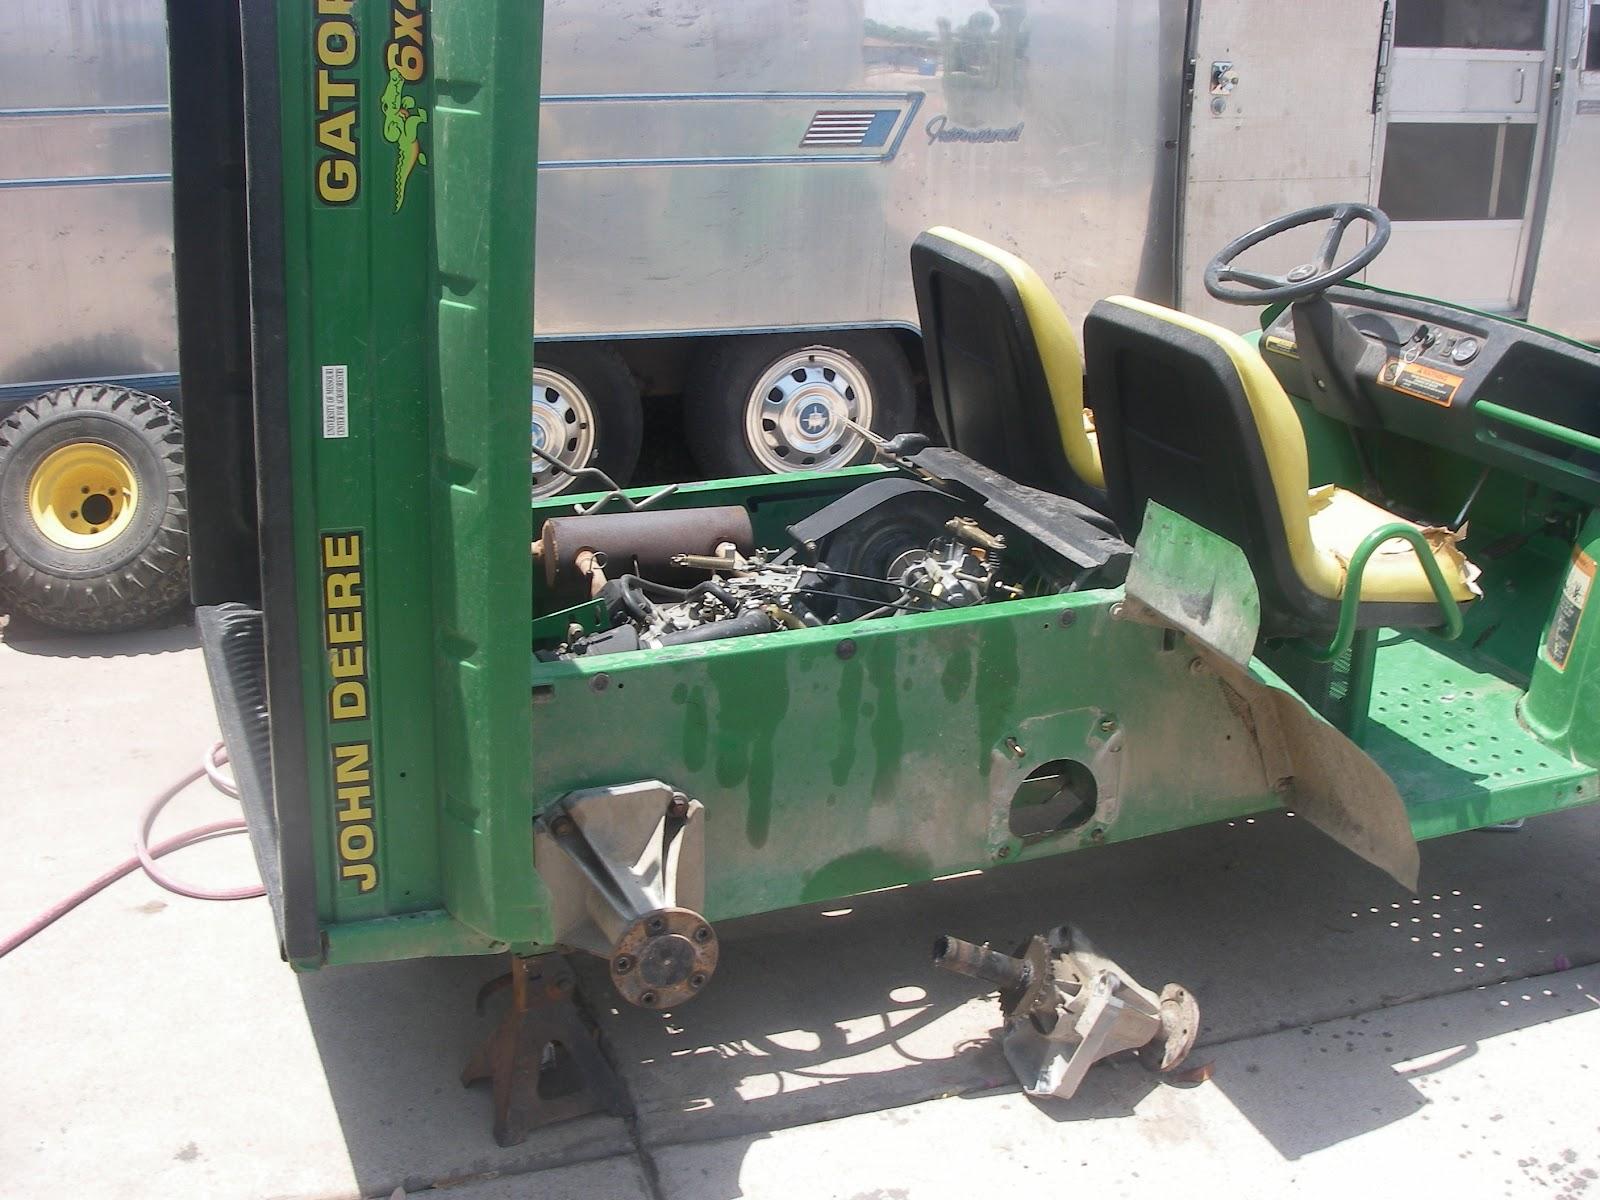 recykler john deere gator 6x4. Black Bedroom Furniture Sets. Home Design Ideas